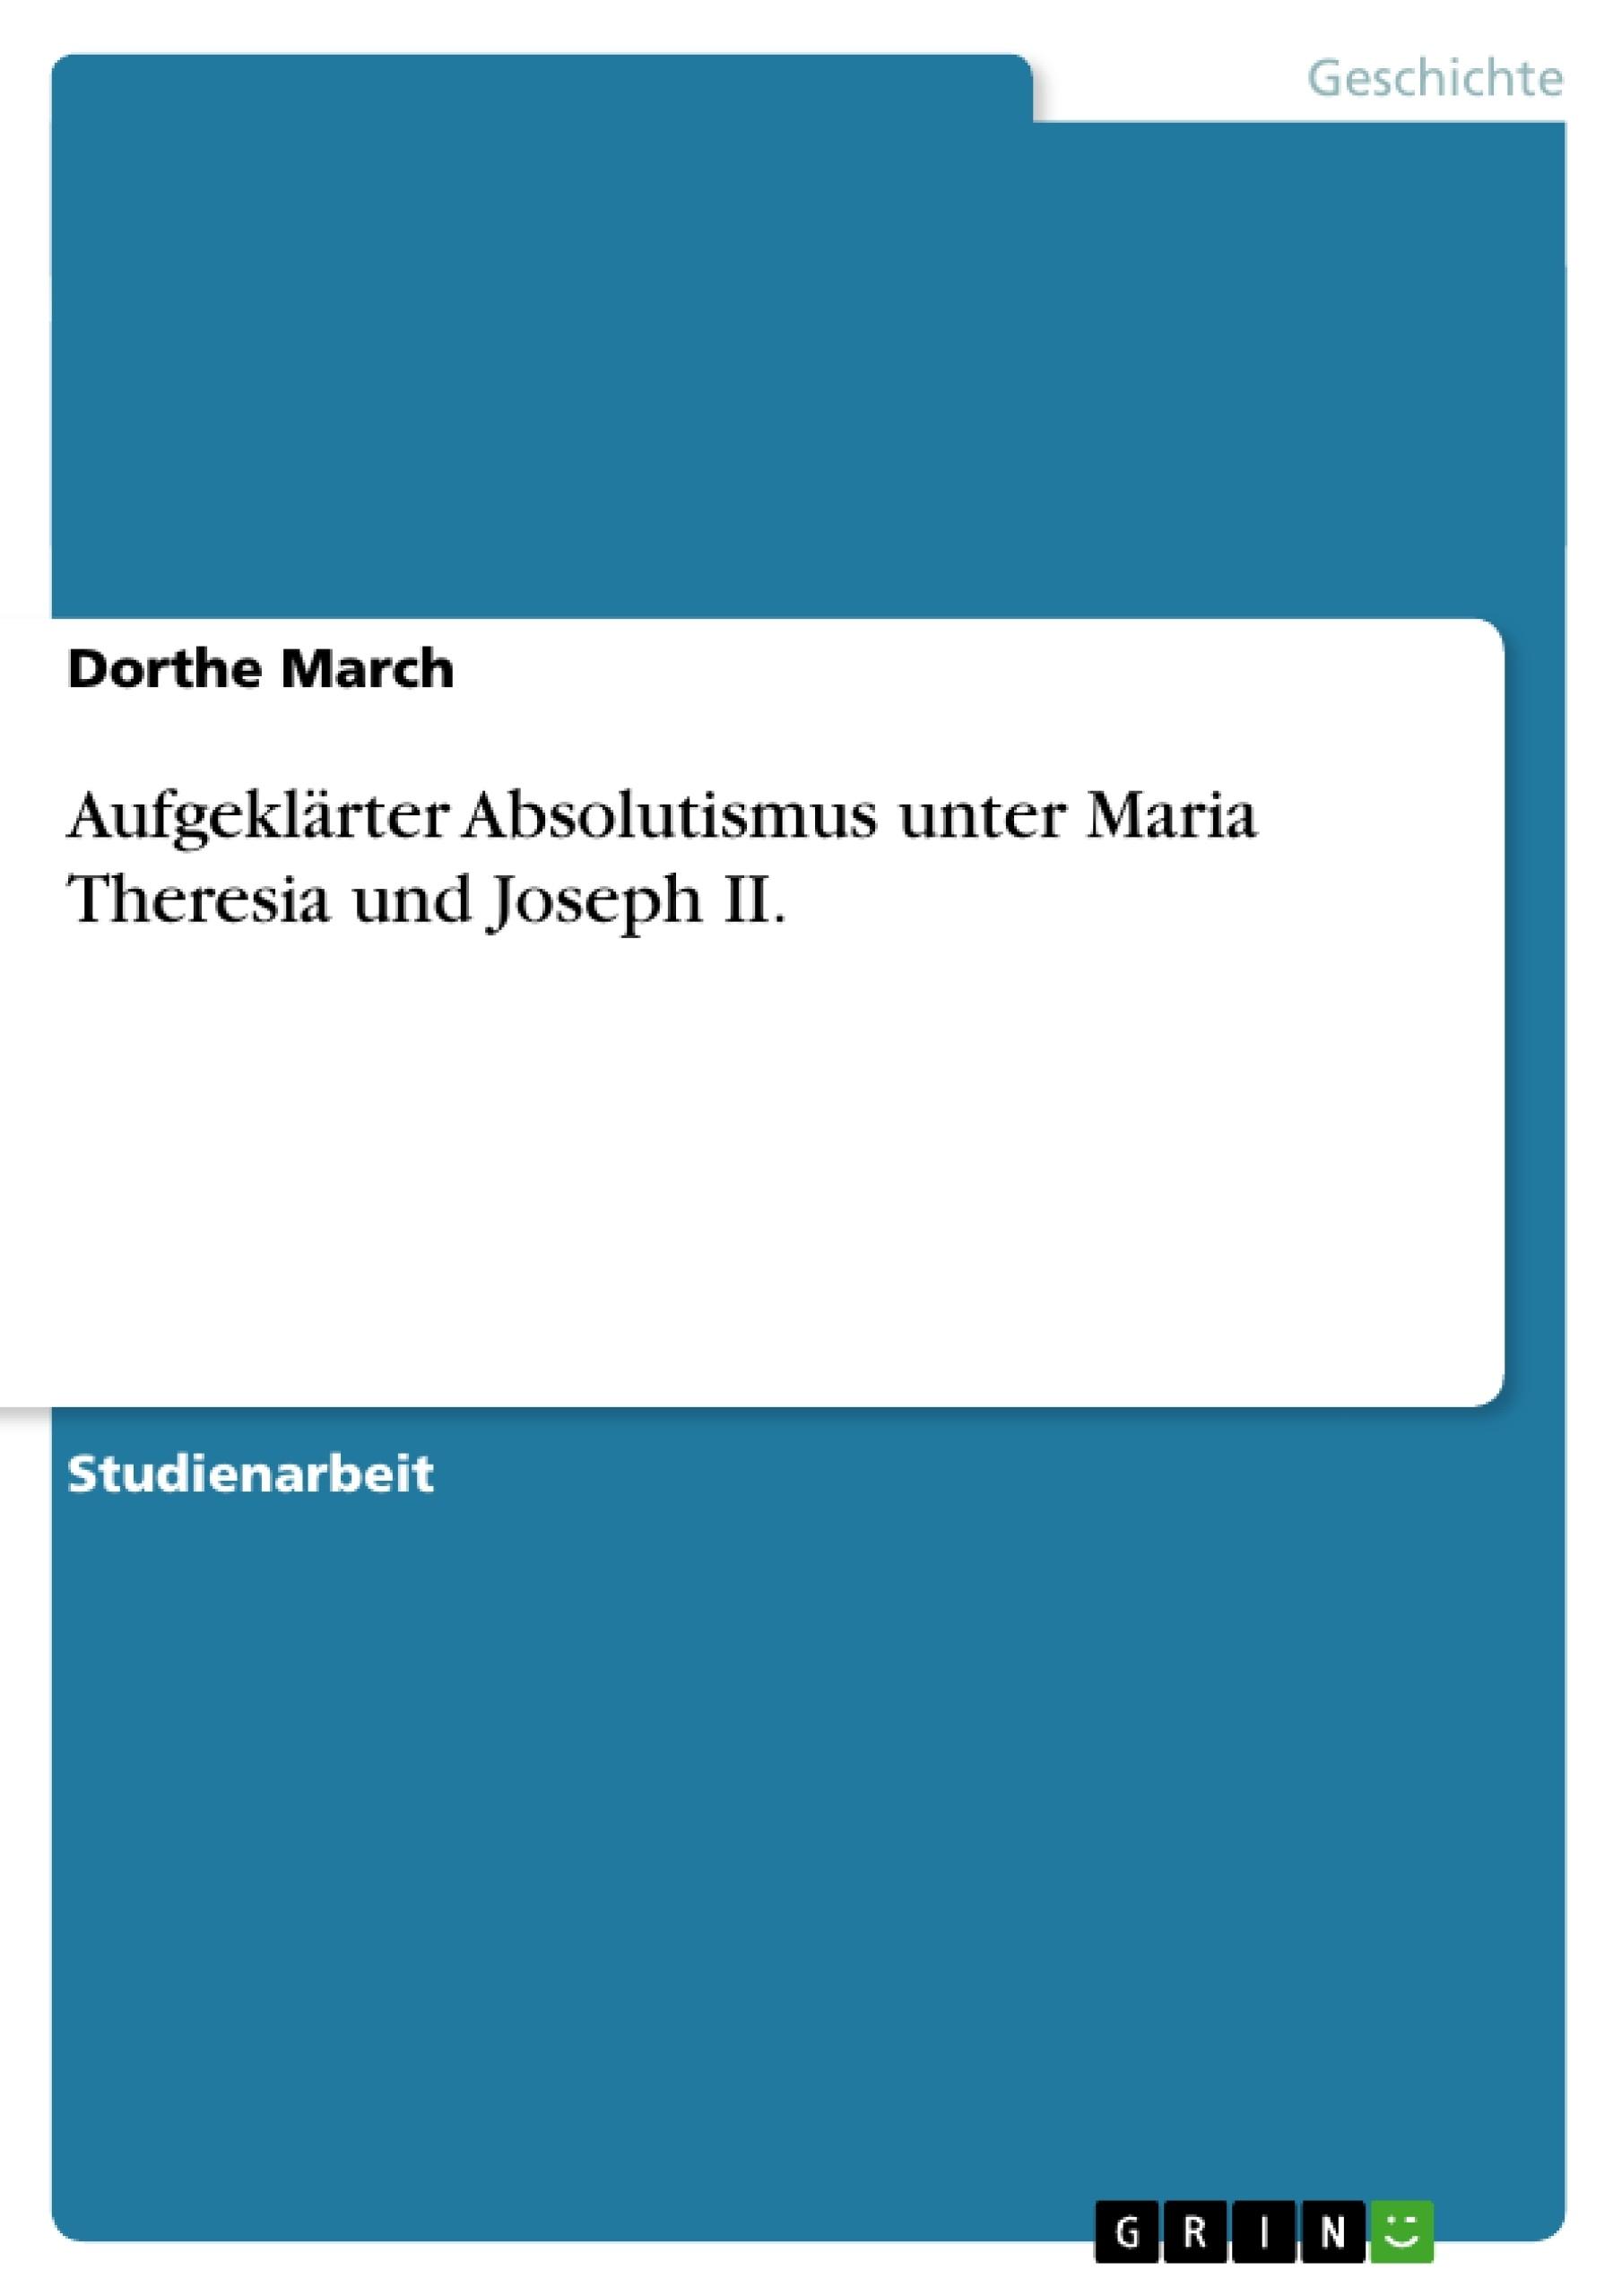 Titel: Aufgeklärter Absolutismus unter Maria Theresia und Joseph II.